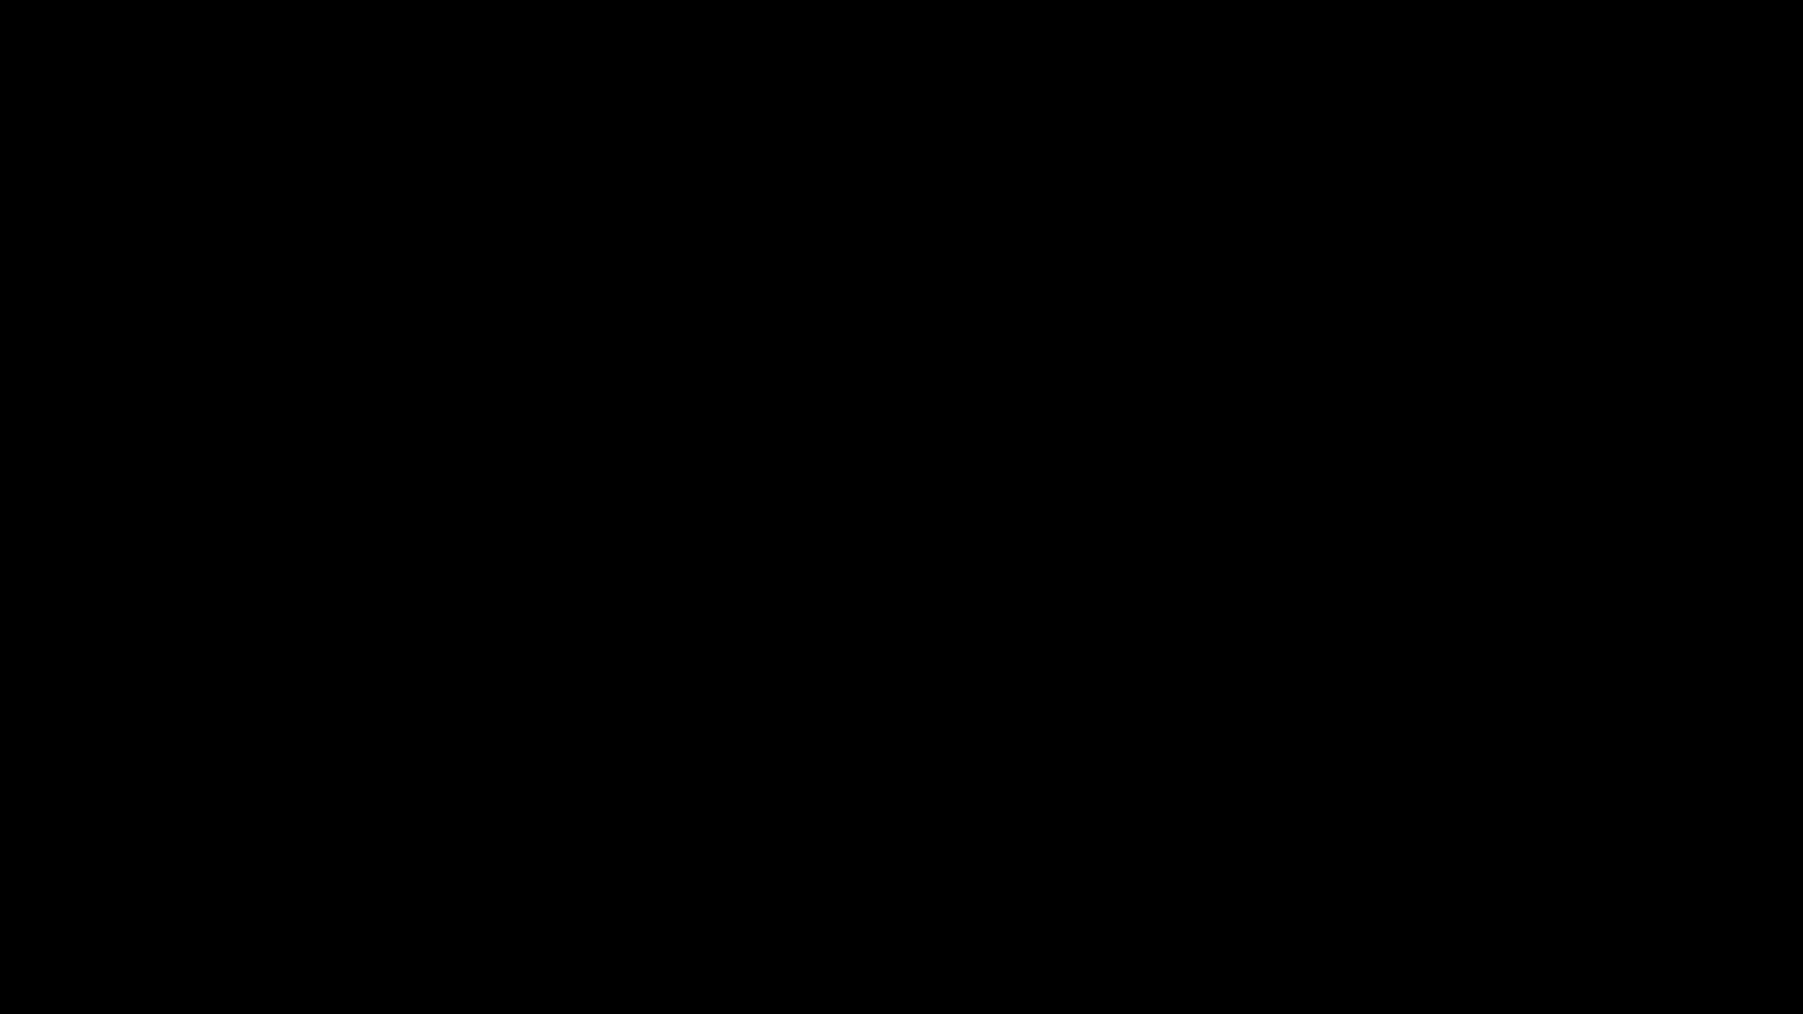 DSCN5957